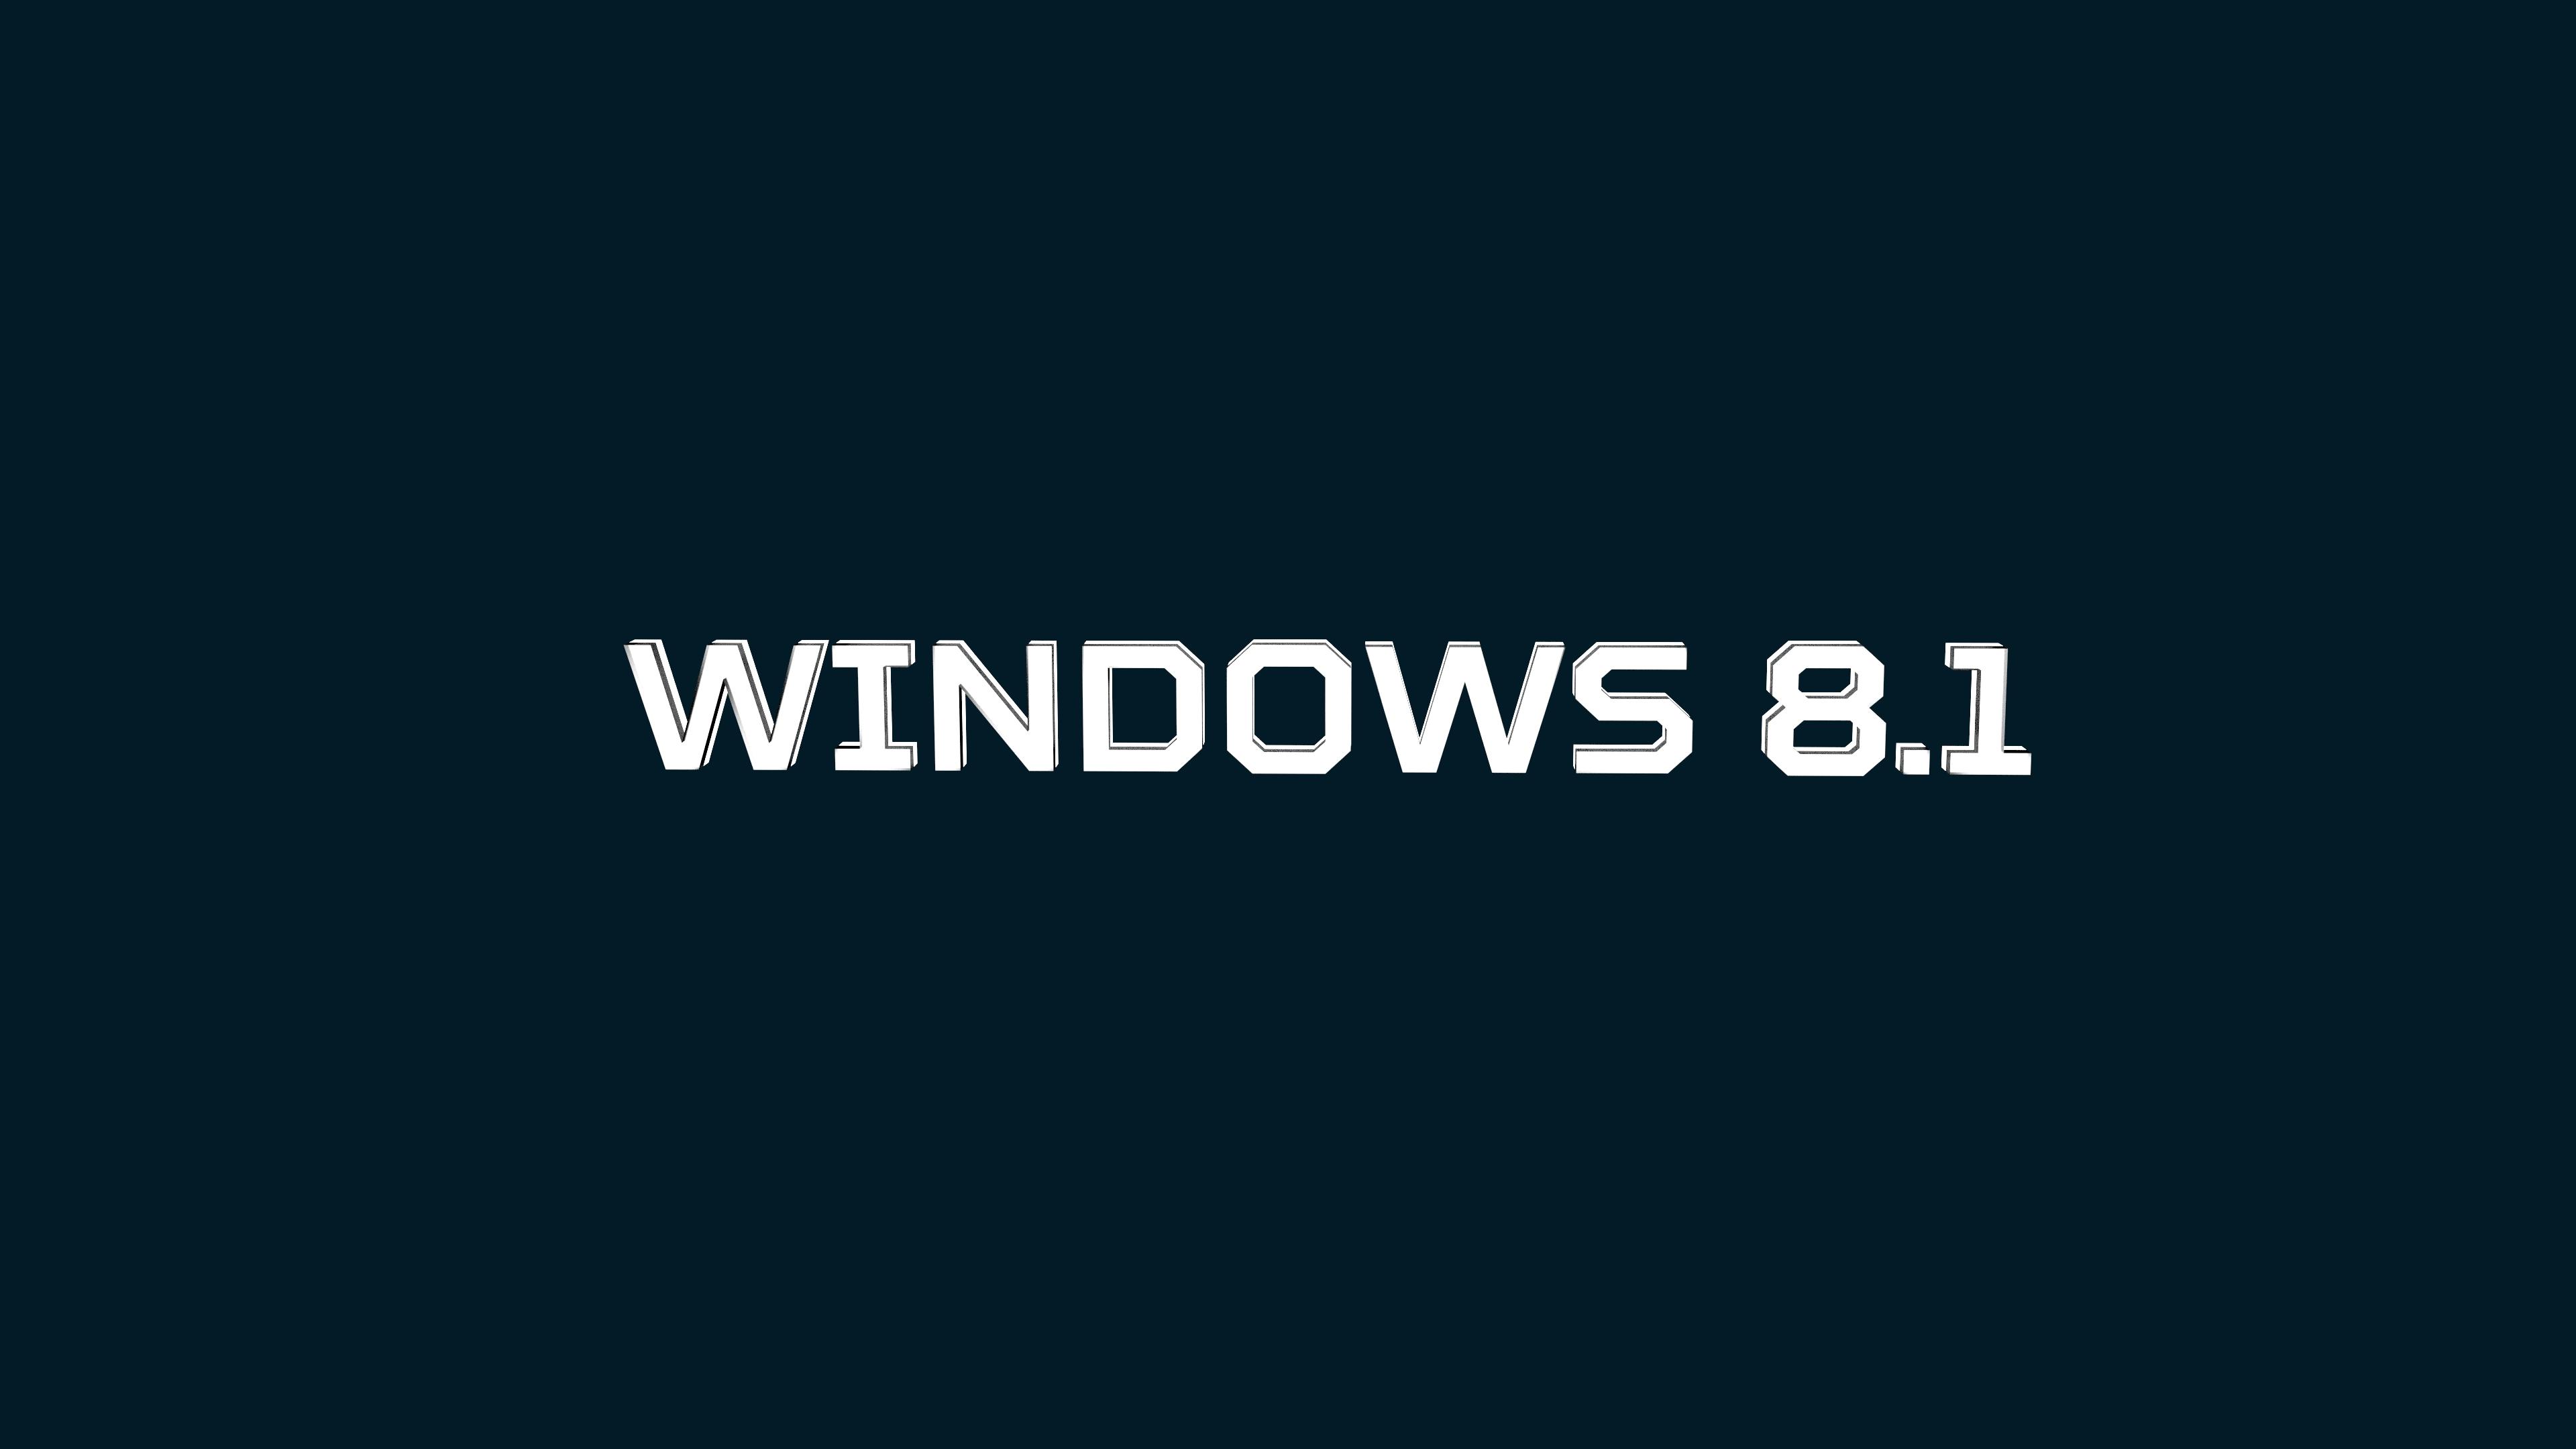 Top Windows 1 0 Wallpaper 1366x768 Wallpapers